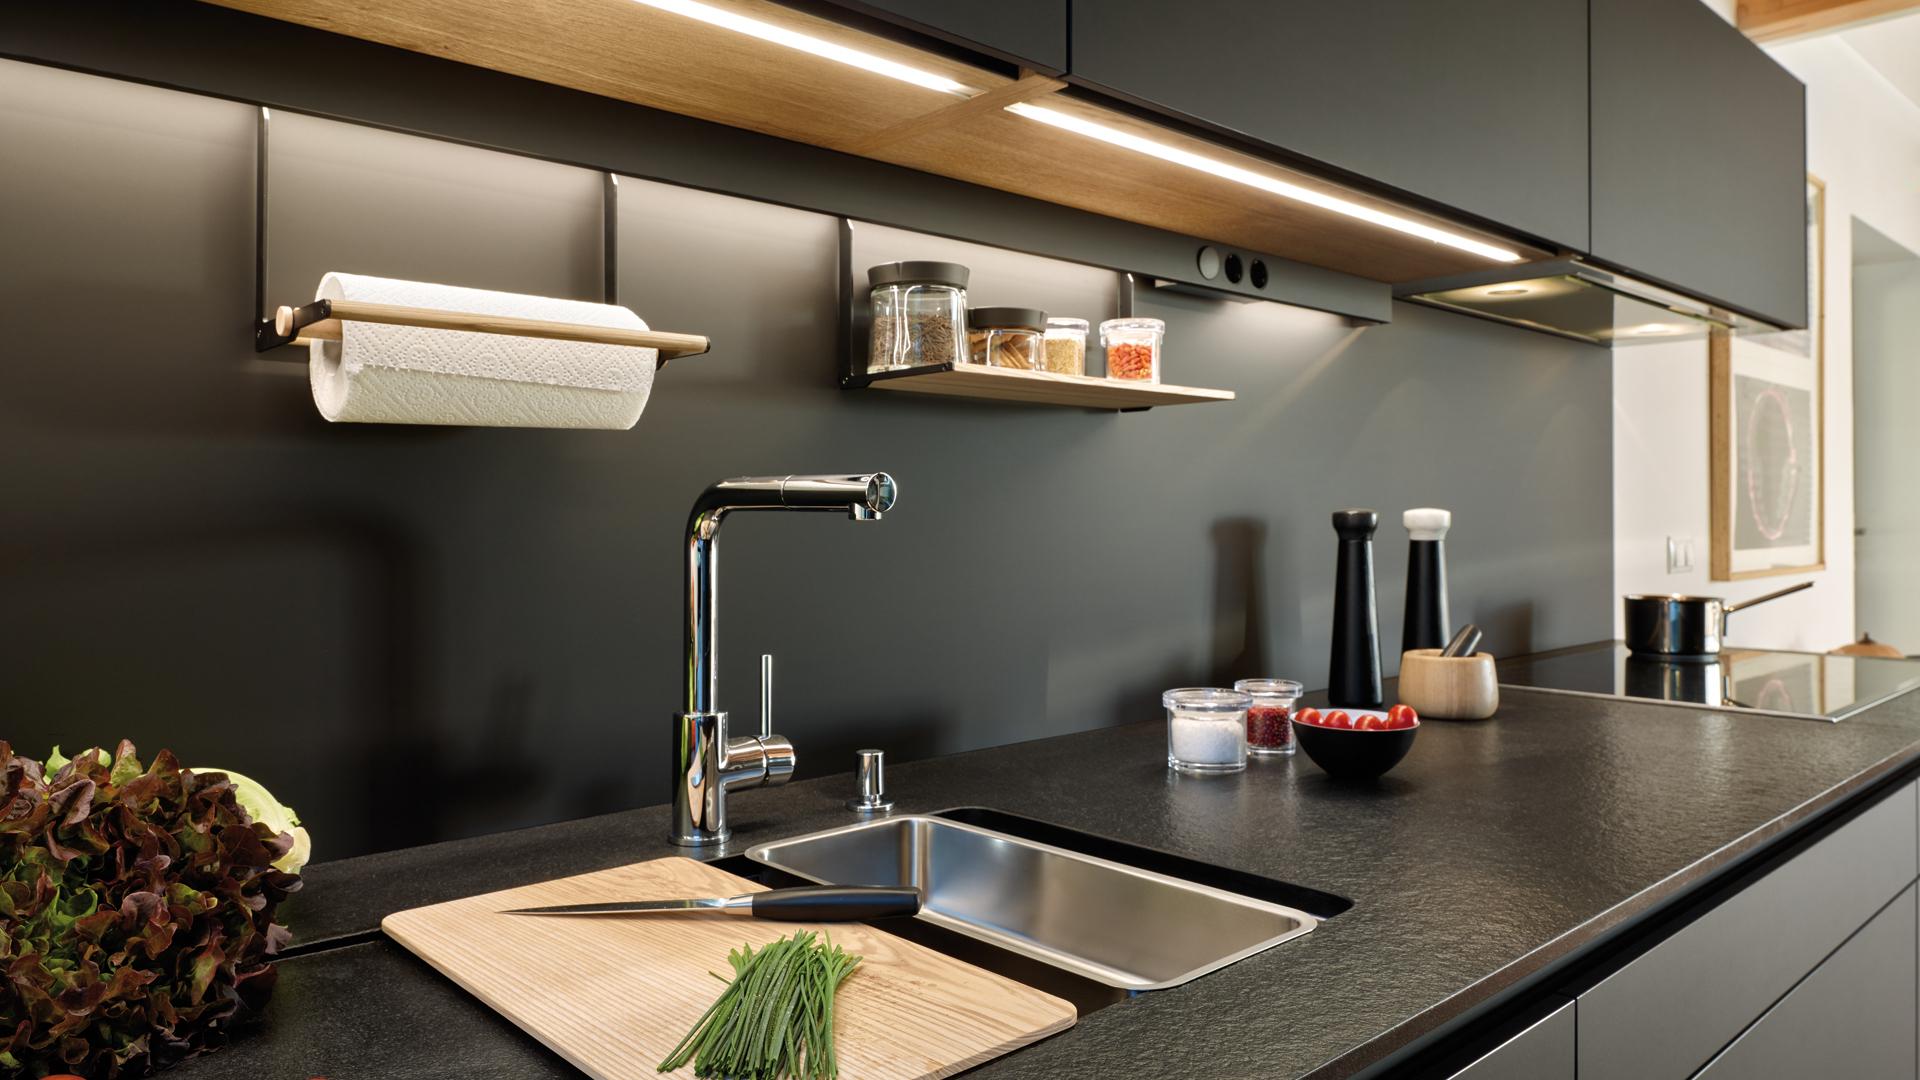 Accesorios zona alta cocinas funcionales Santiago Interiores